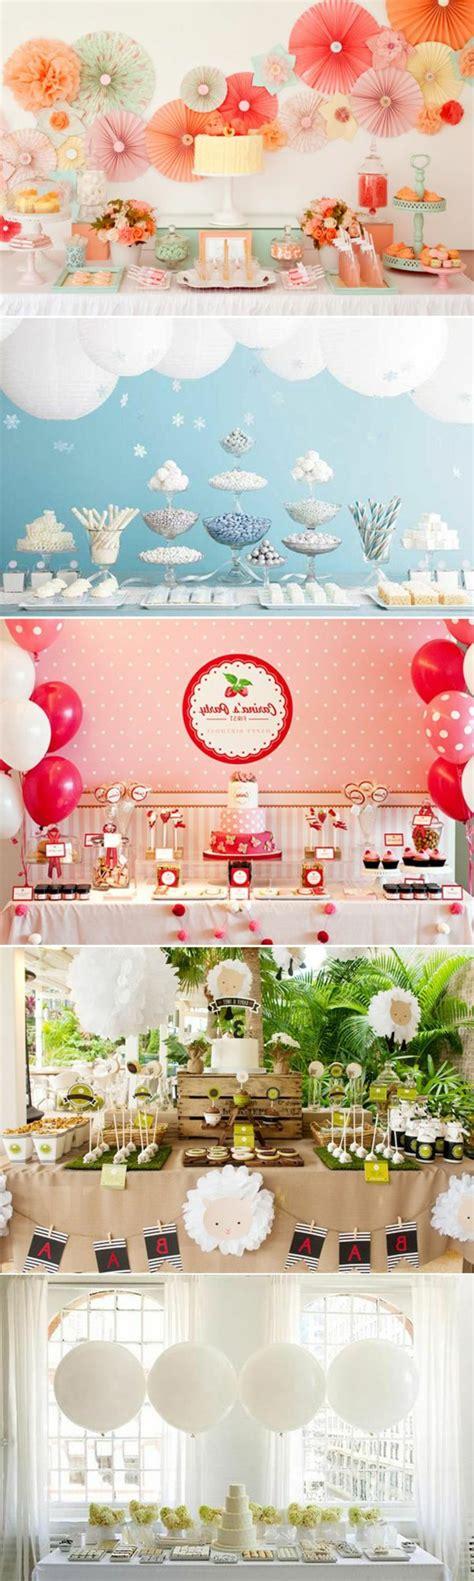 decorazione tavola compleanno 1001 idee per decorazioni tavola tante soluzioni fai da te